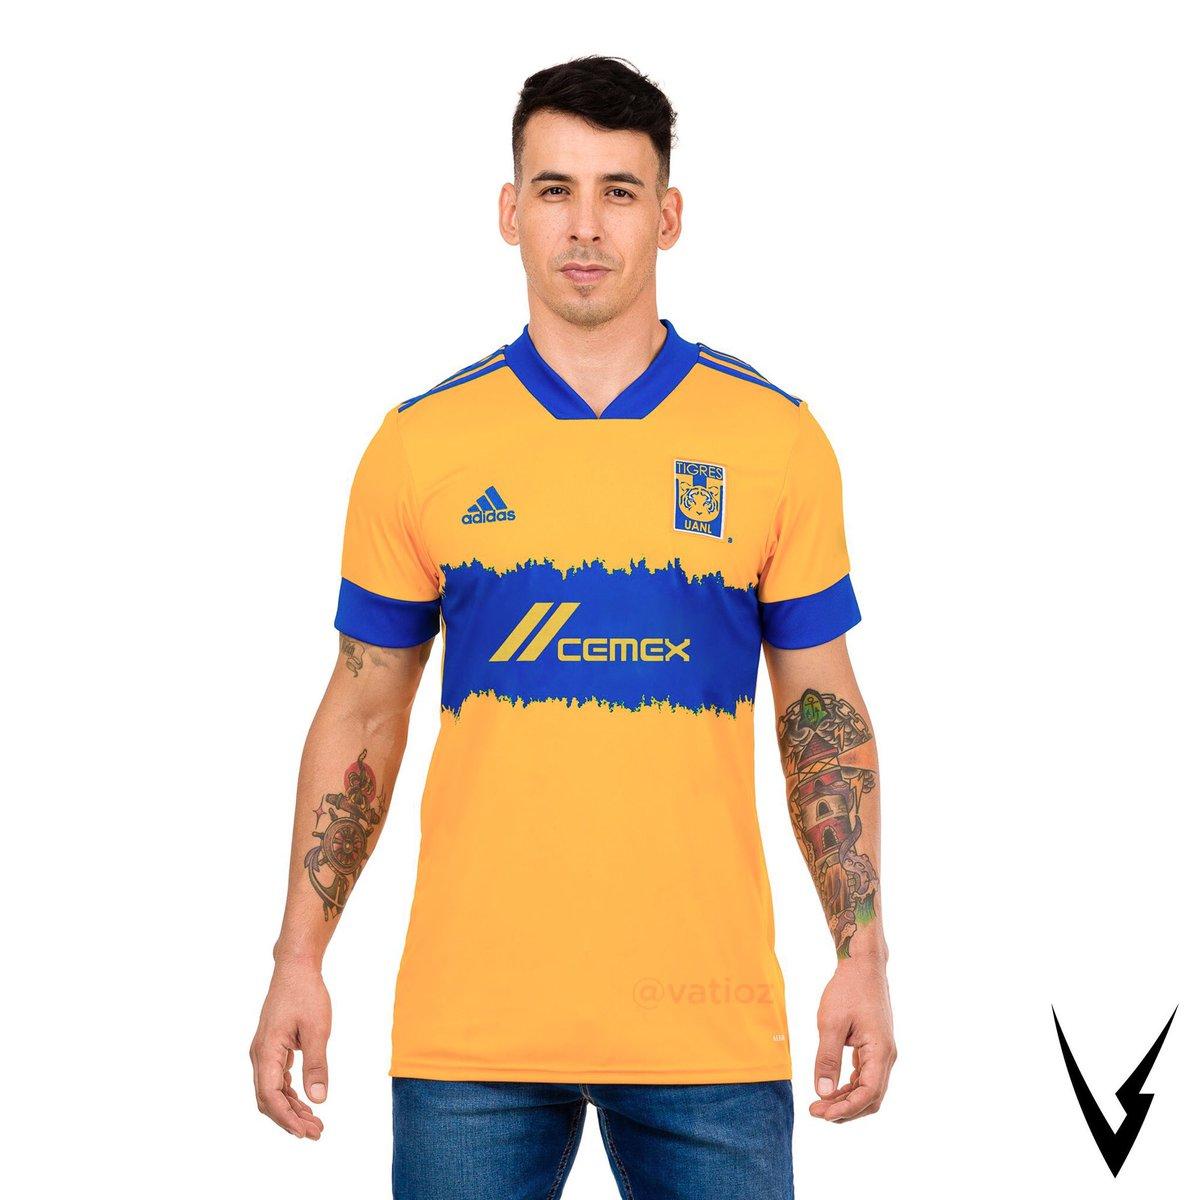 Así lucirían las camisetas actuales de Tigres con los cambios solicitados por la FIFA para disputar el mundial de clubes.  ¿👍🏻 o 👎🏻?